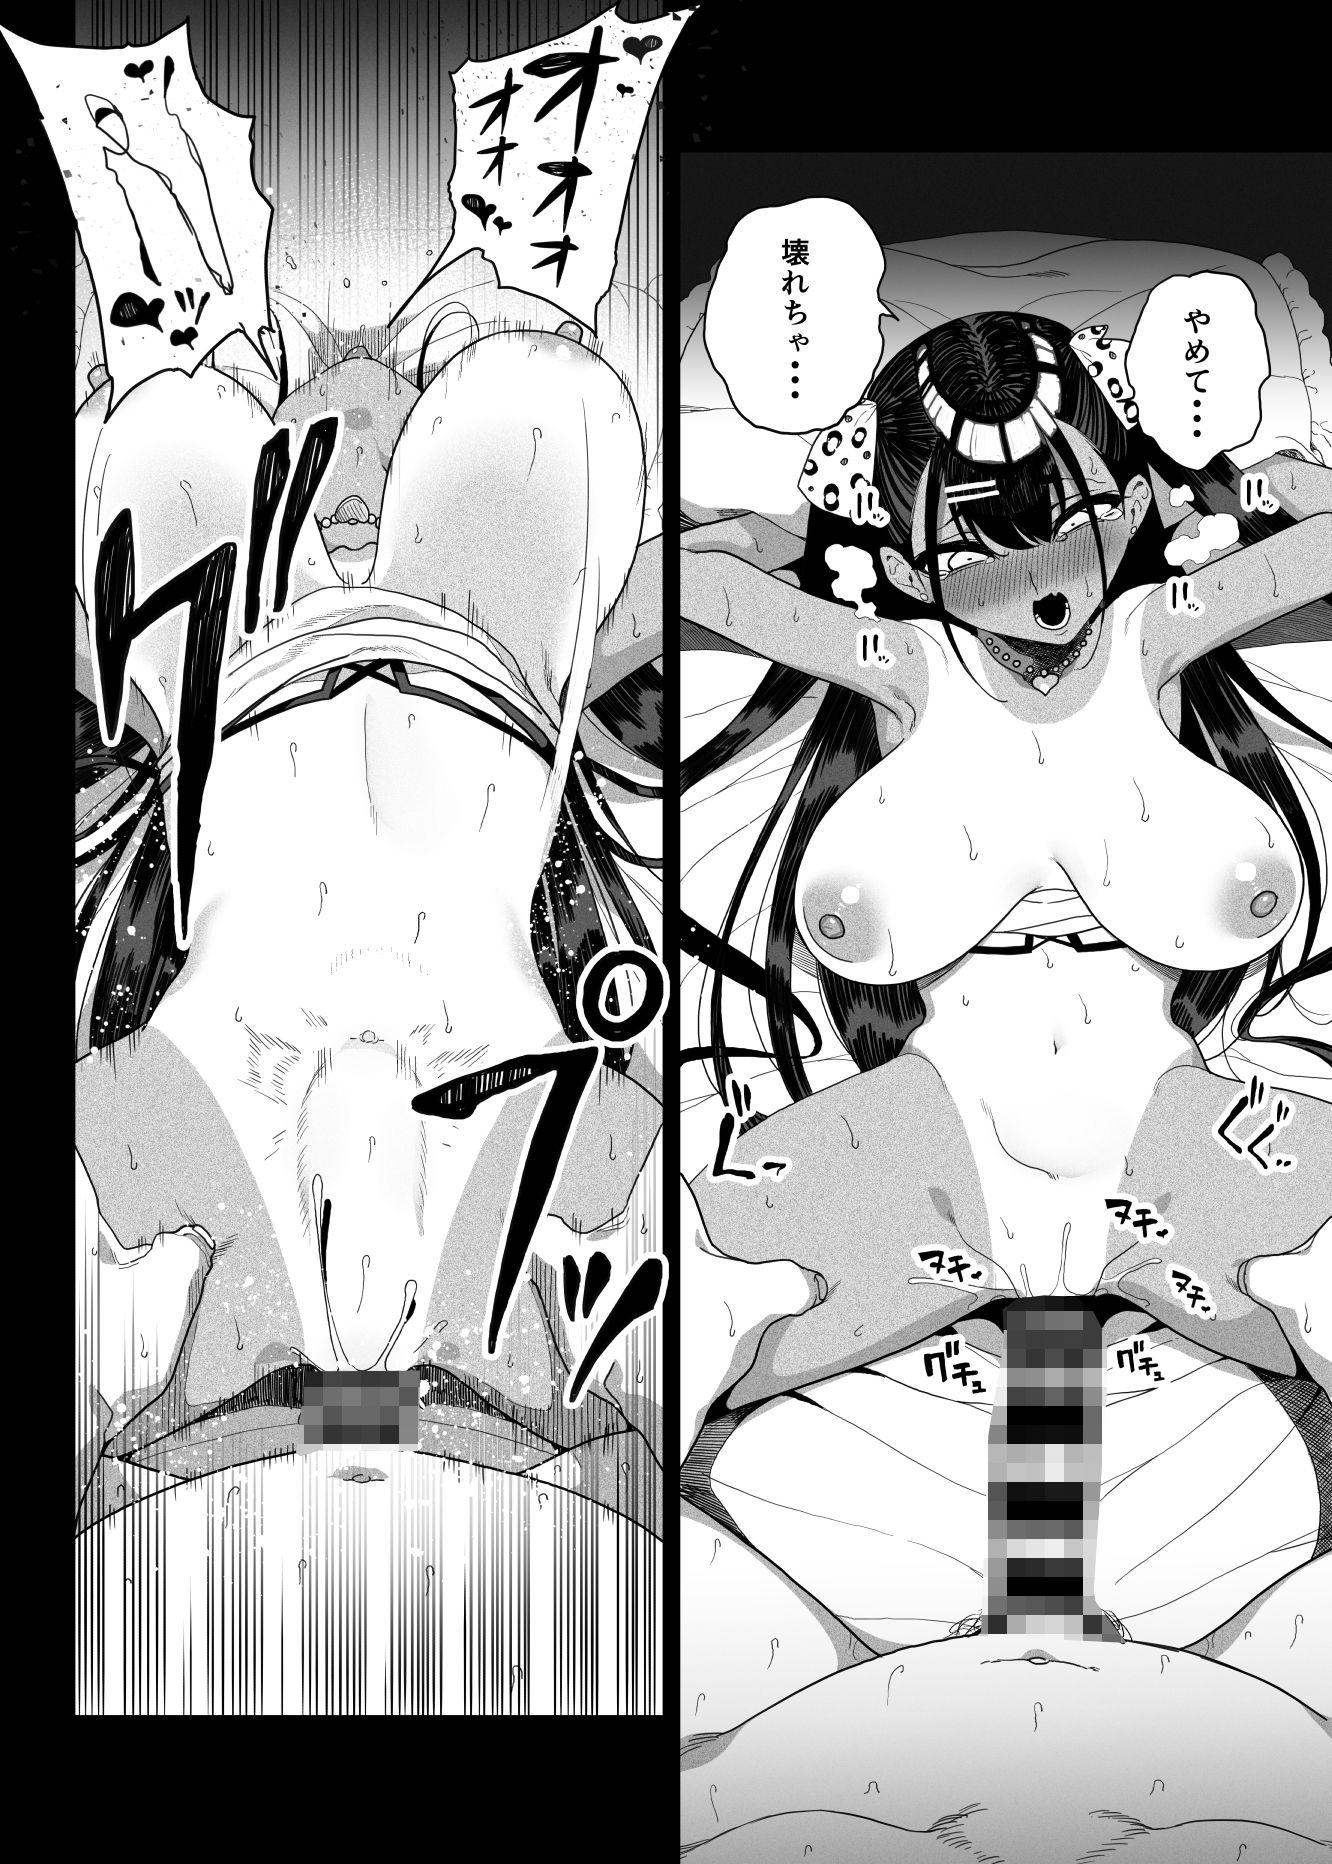 『性女調教 生意気な姪をワカらせて』【同人エロ漫画】(カマボコ工房)4